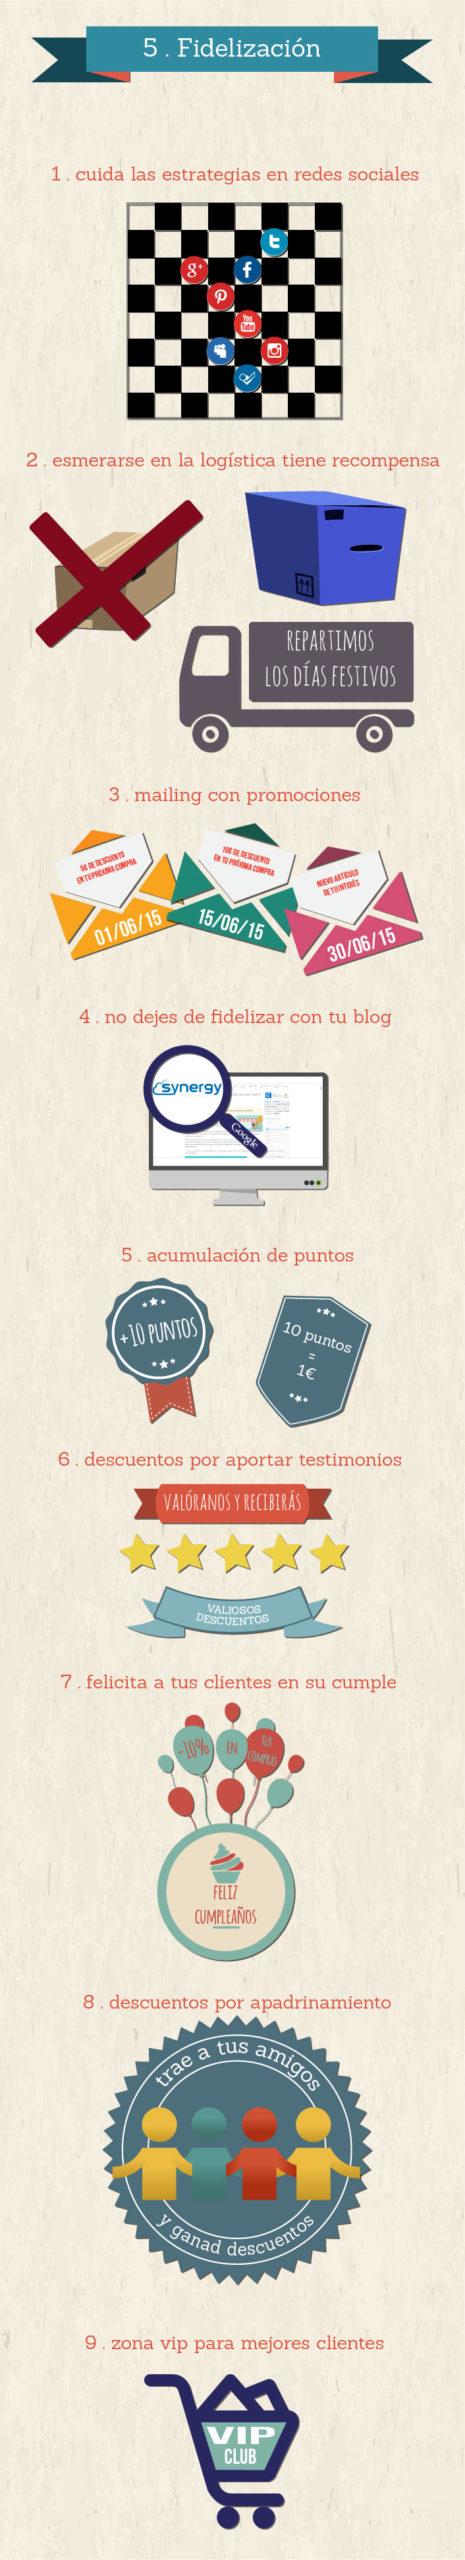 Infografia-tips-para-fidelizar-clientes-en-tu-tienda-online